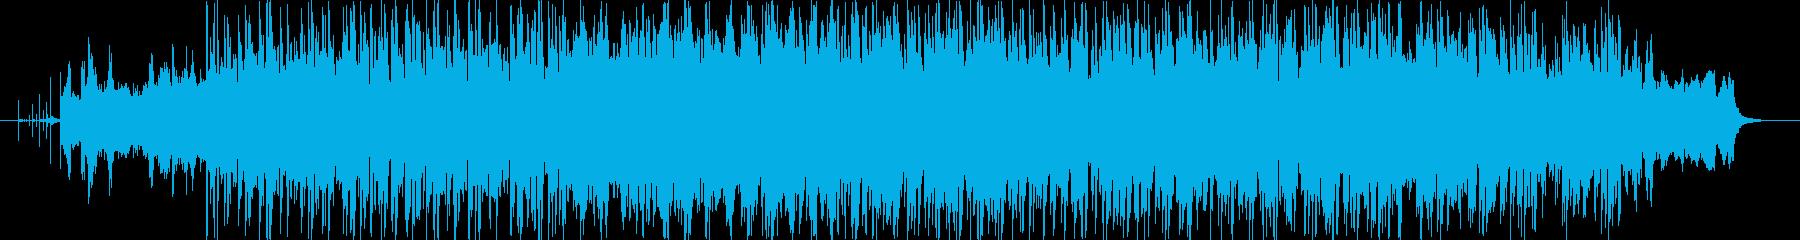 ハードでダークなスローロックオリジナルの再生済みの波形